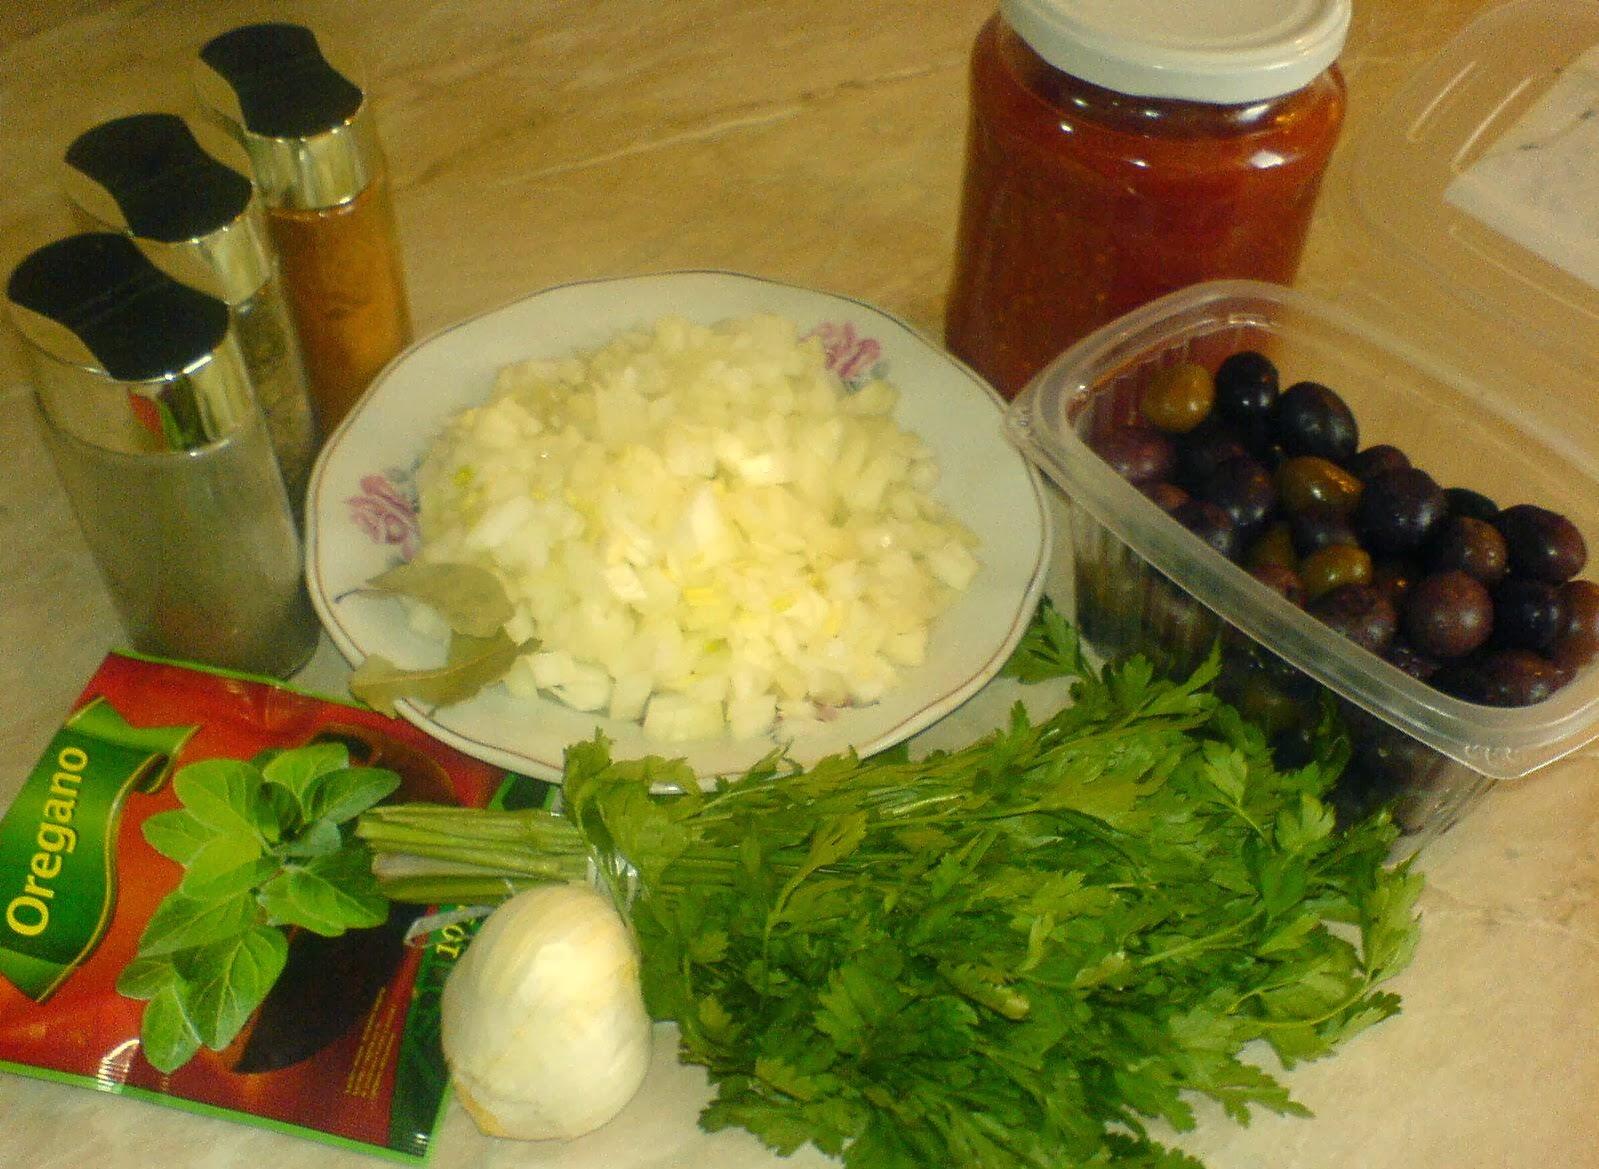 ingrediente macrou la cuptor cu masline, retete de peste, cum se prepara pestele la cuptor cu rosii si masline, cum se prepara macroul la cuptor cu masline, cum gatim macrou la cuptor, cum gatim peste la cuptor, retete de mancare cu peste,